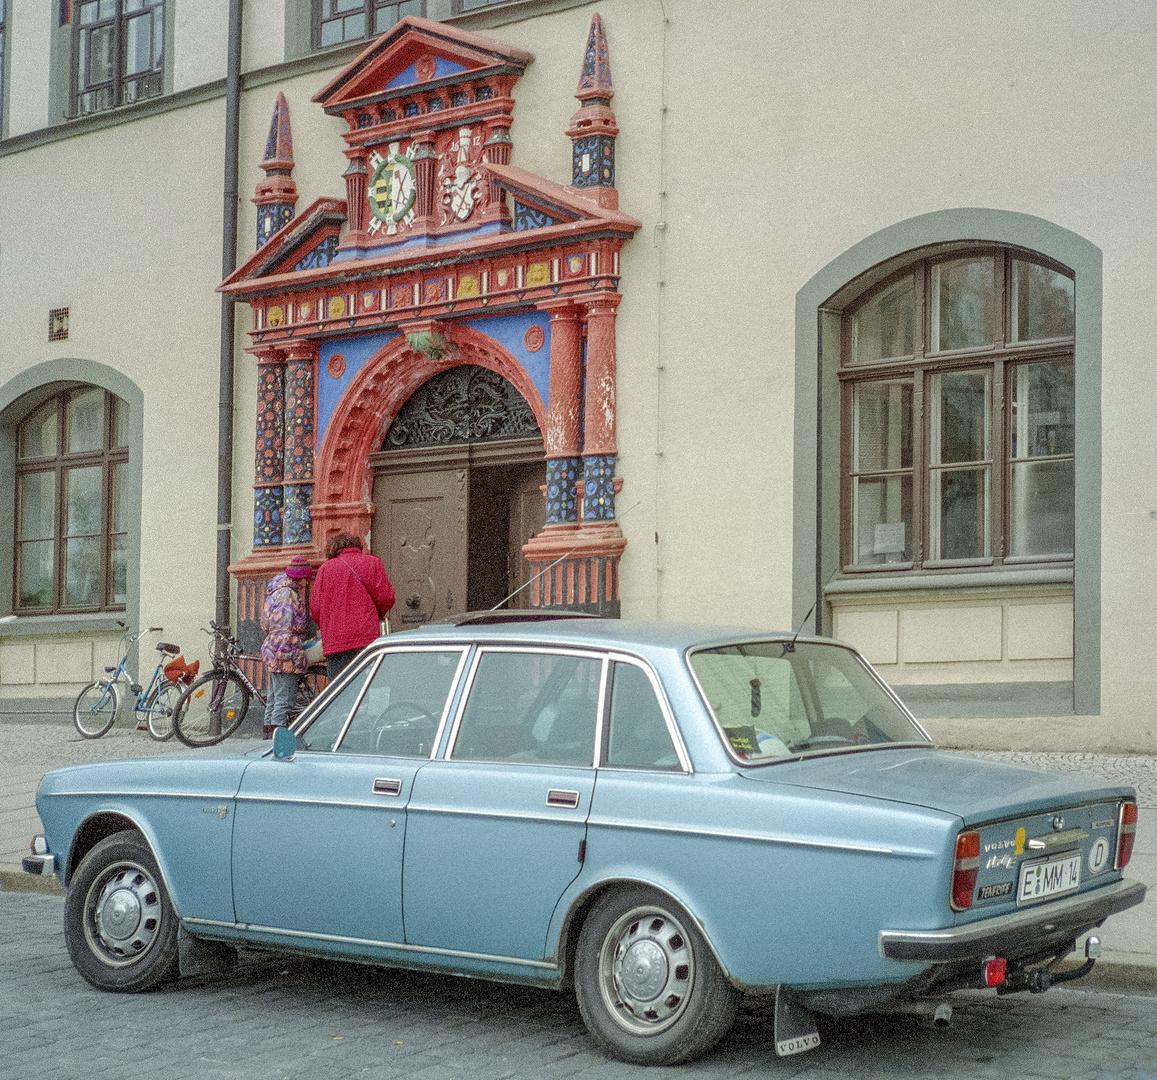 Naumburg / Saale - Dss renovierte schöne Rathausportal mit meinem alten Volvo - 1991